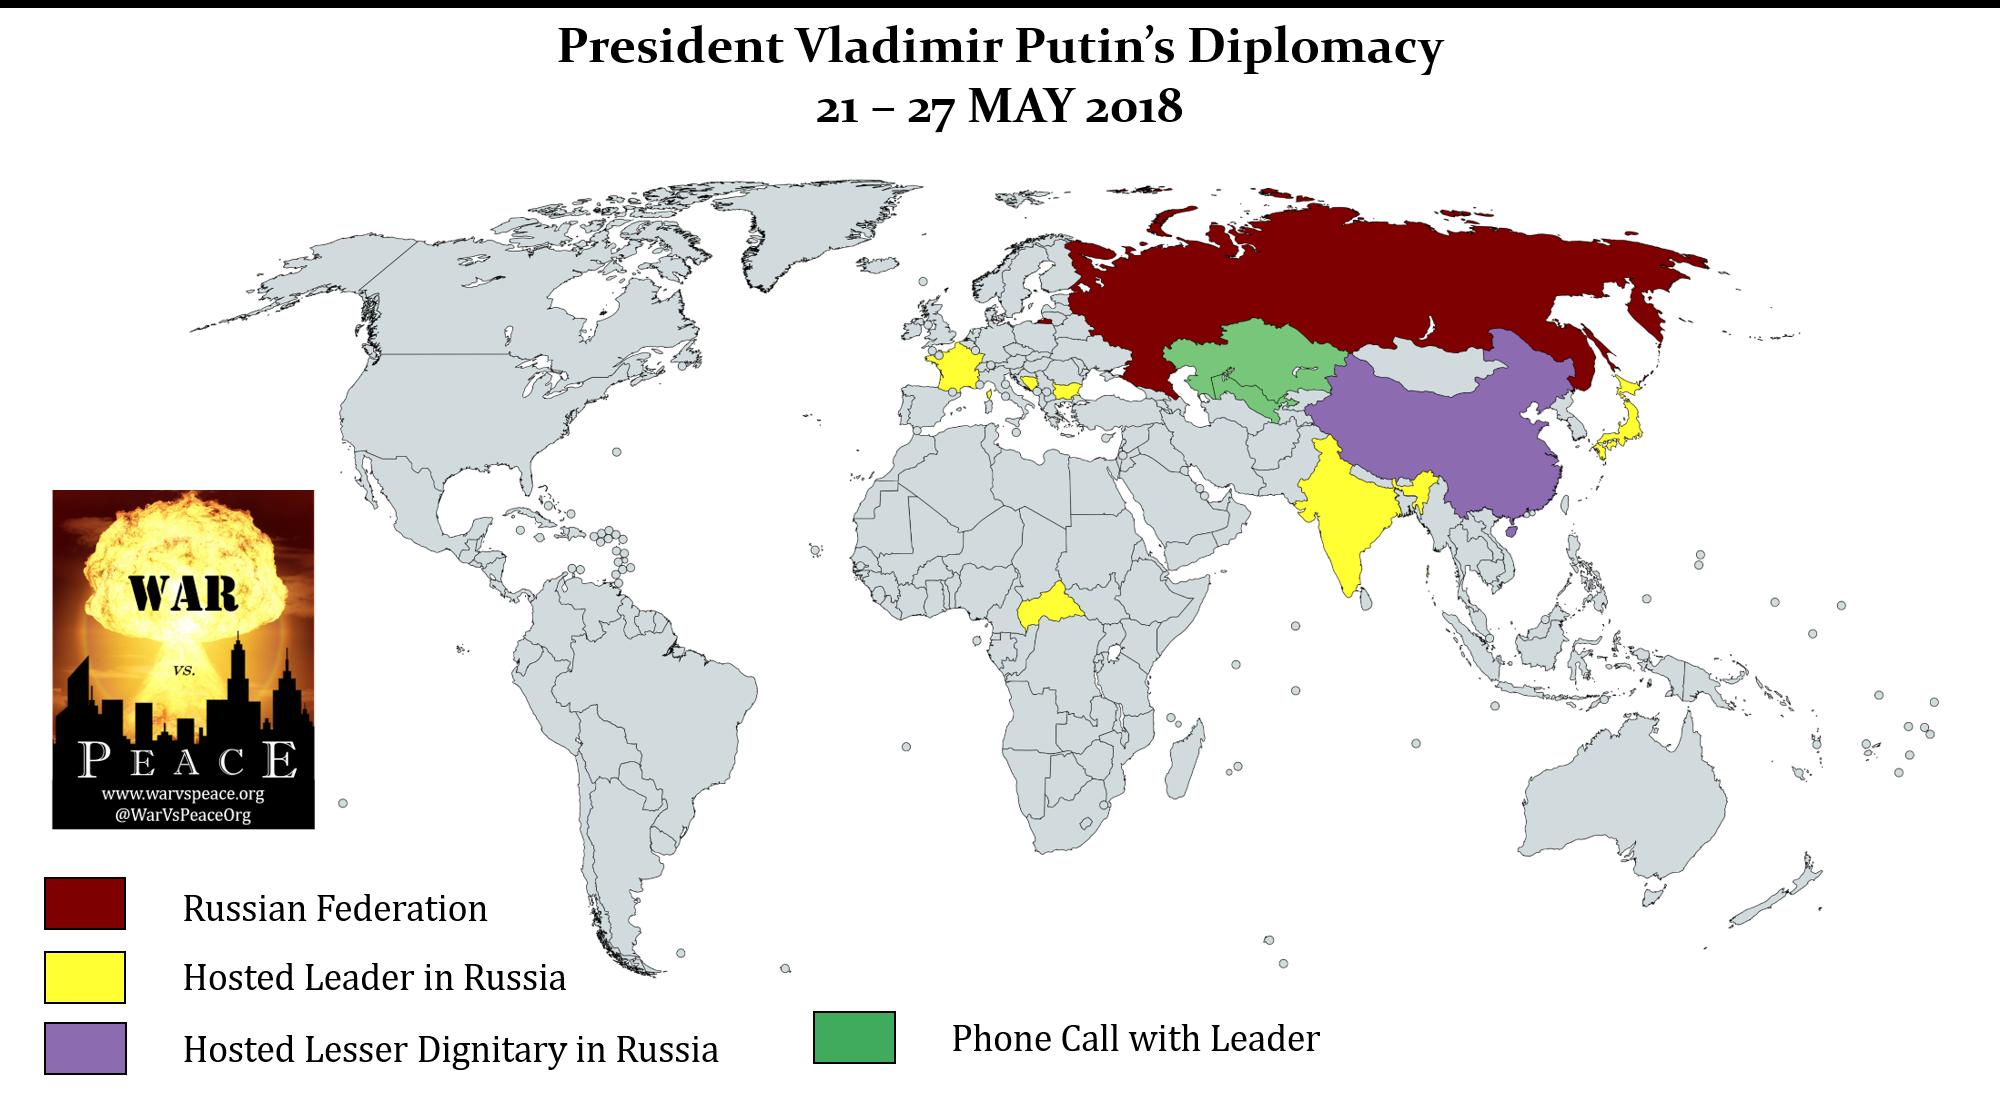 2018.05.29 Putin Diplomacy.png